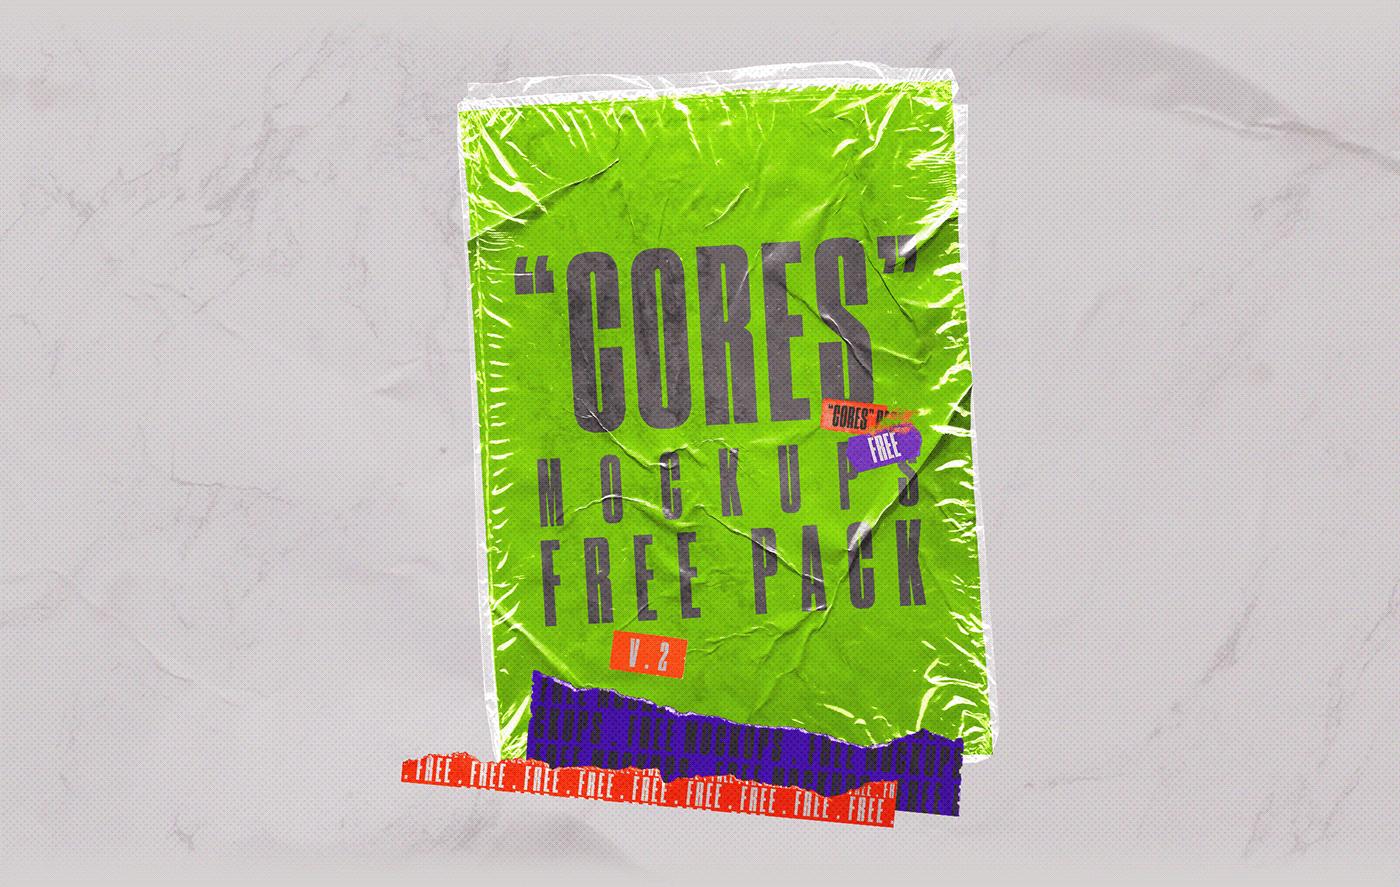 [淘宝购买] 4款潮流撕纸塑料袋叠层效果海报设计贴图PSD样机 CORES Mockups Pack插图